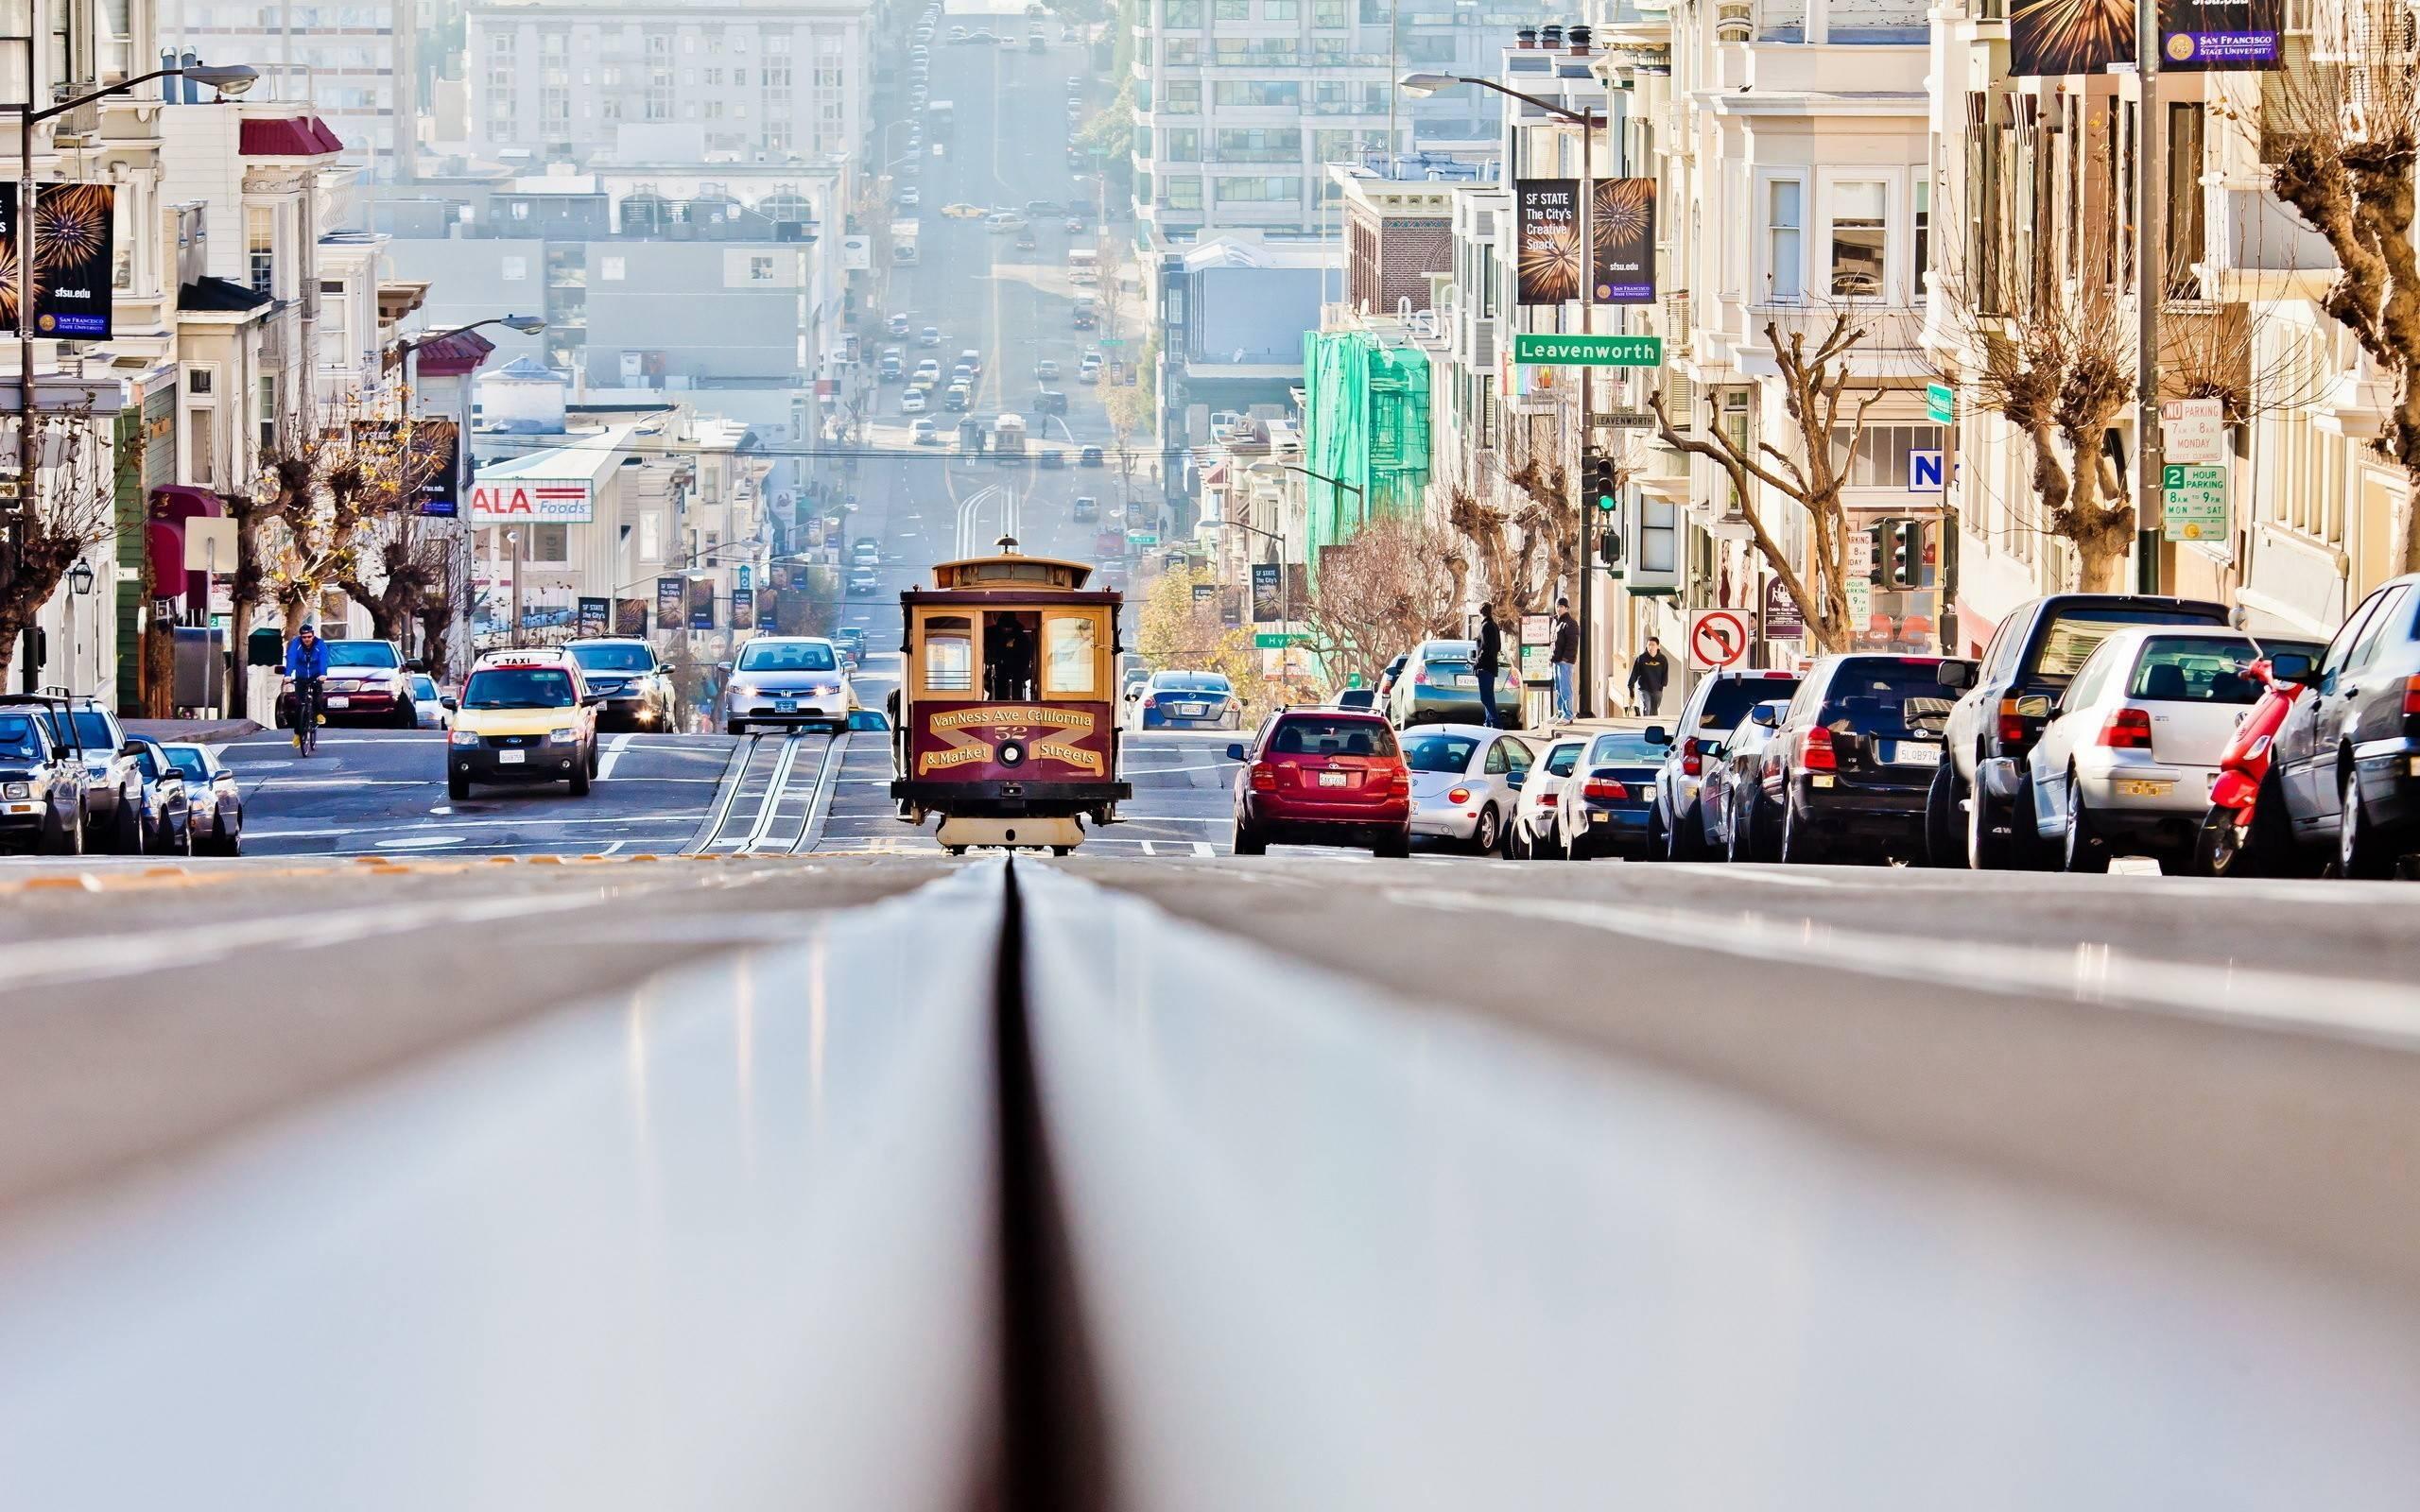 San Francisco High Defnition Wallpaper | HD Wallpapers 3D